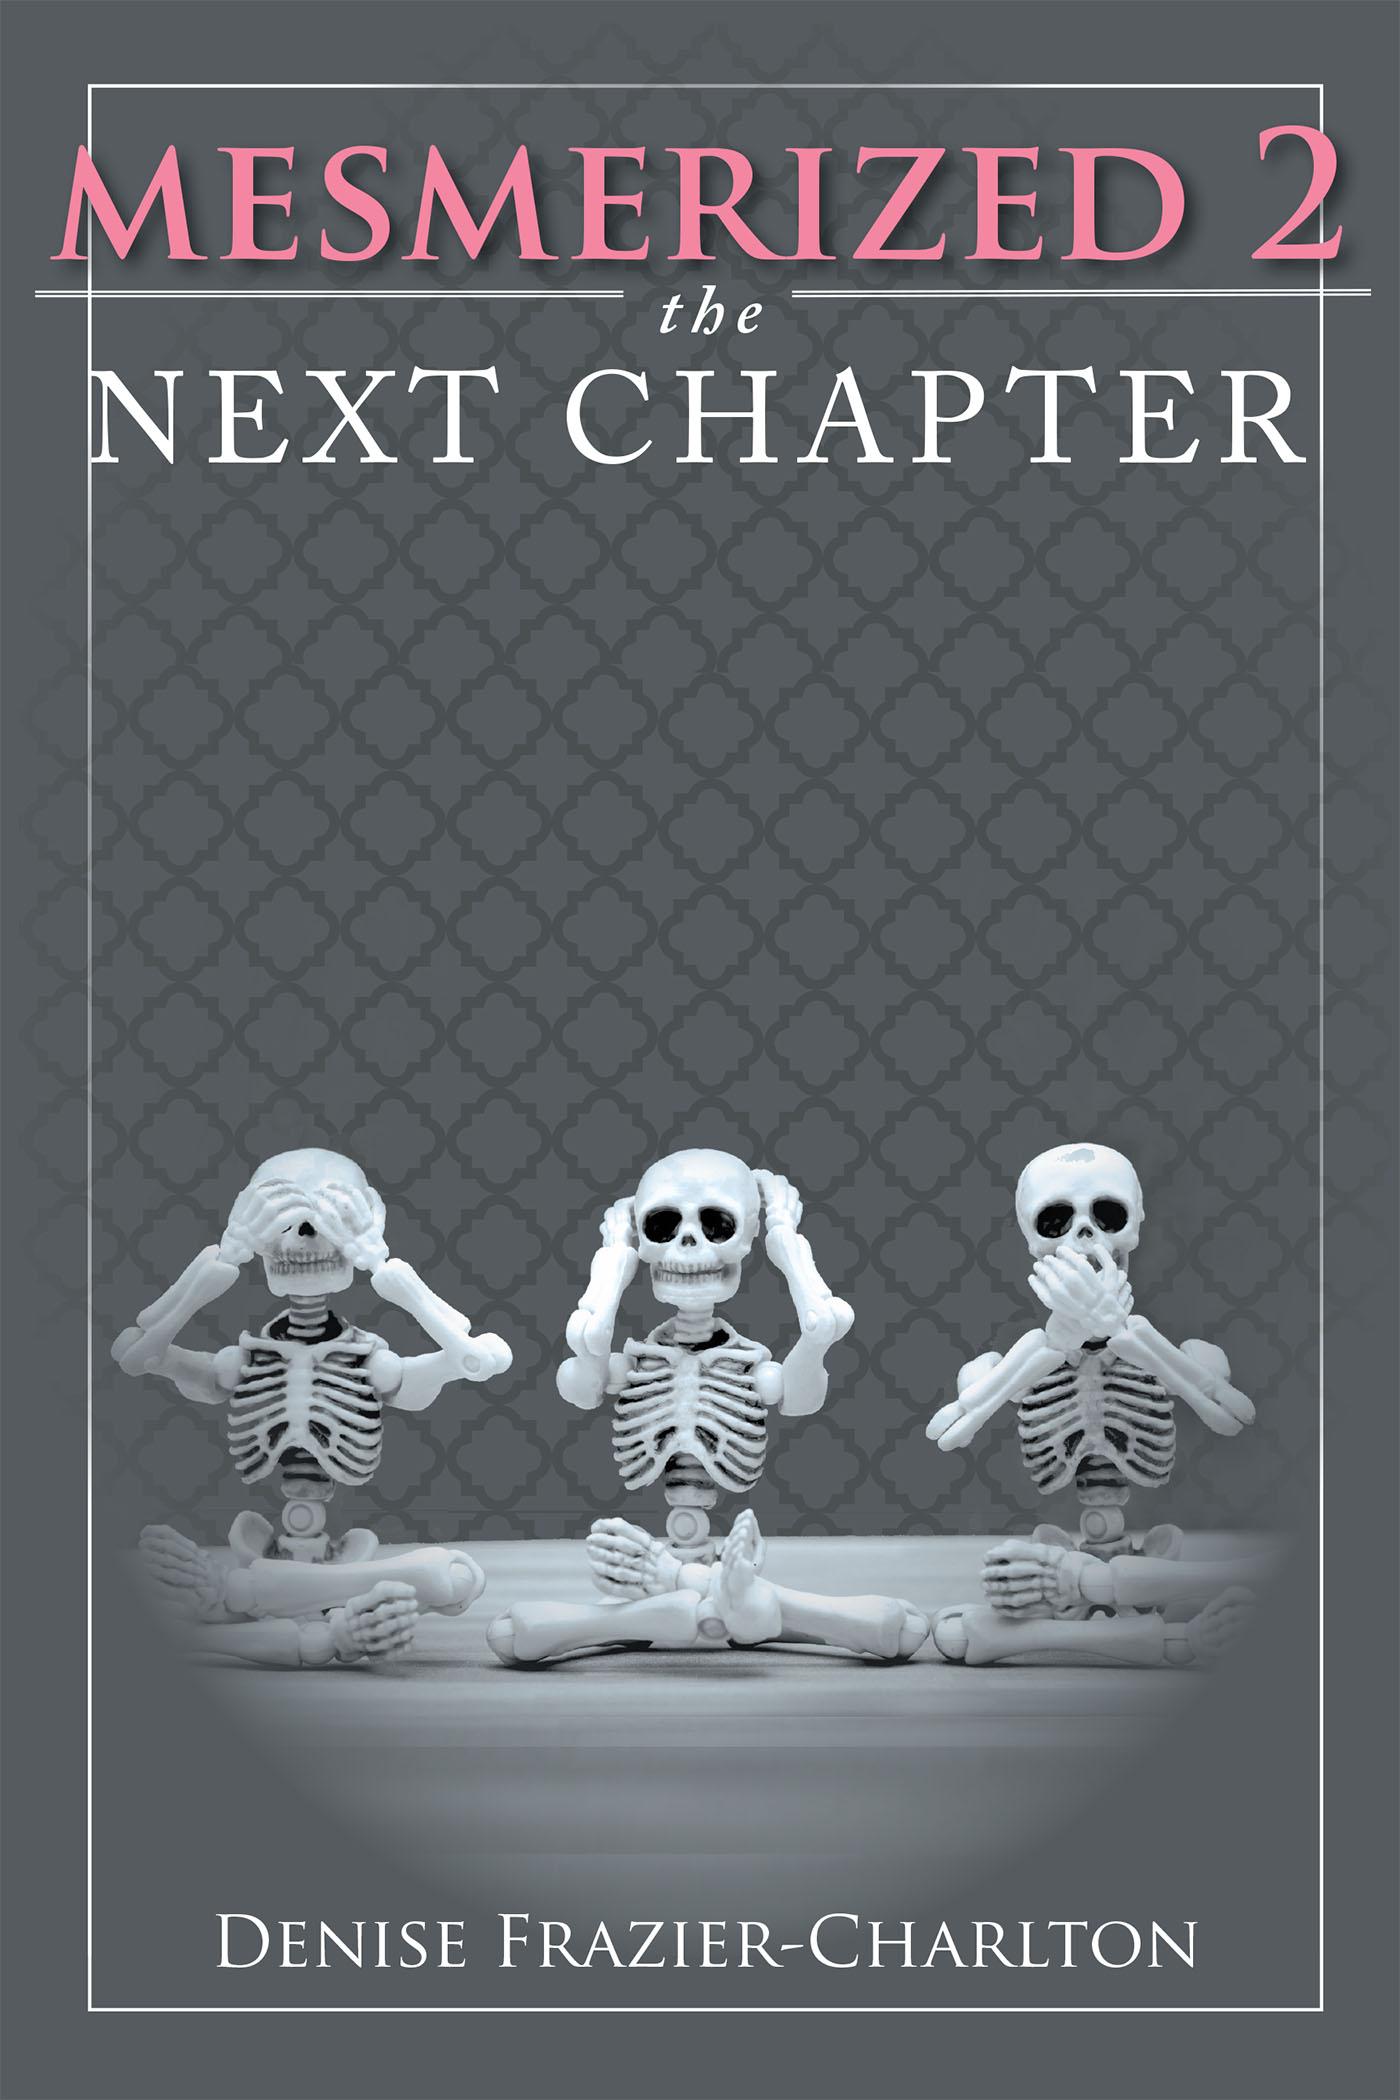 Denise Frazier-Charlton's New Book